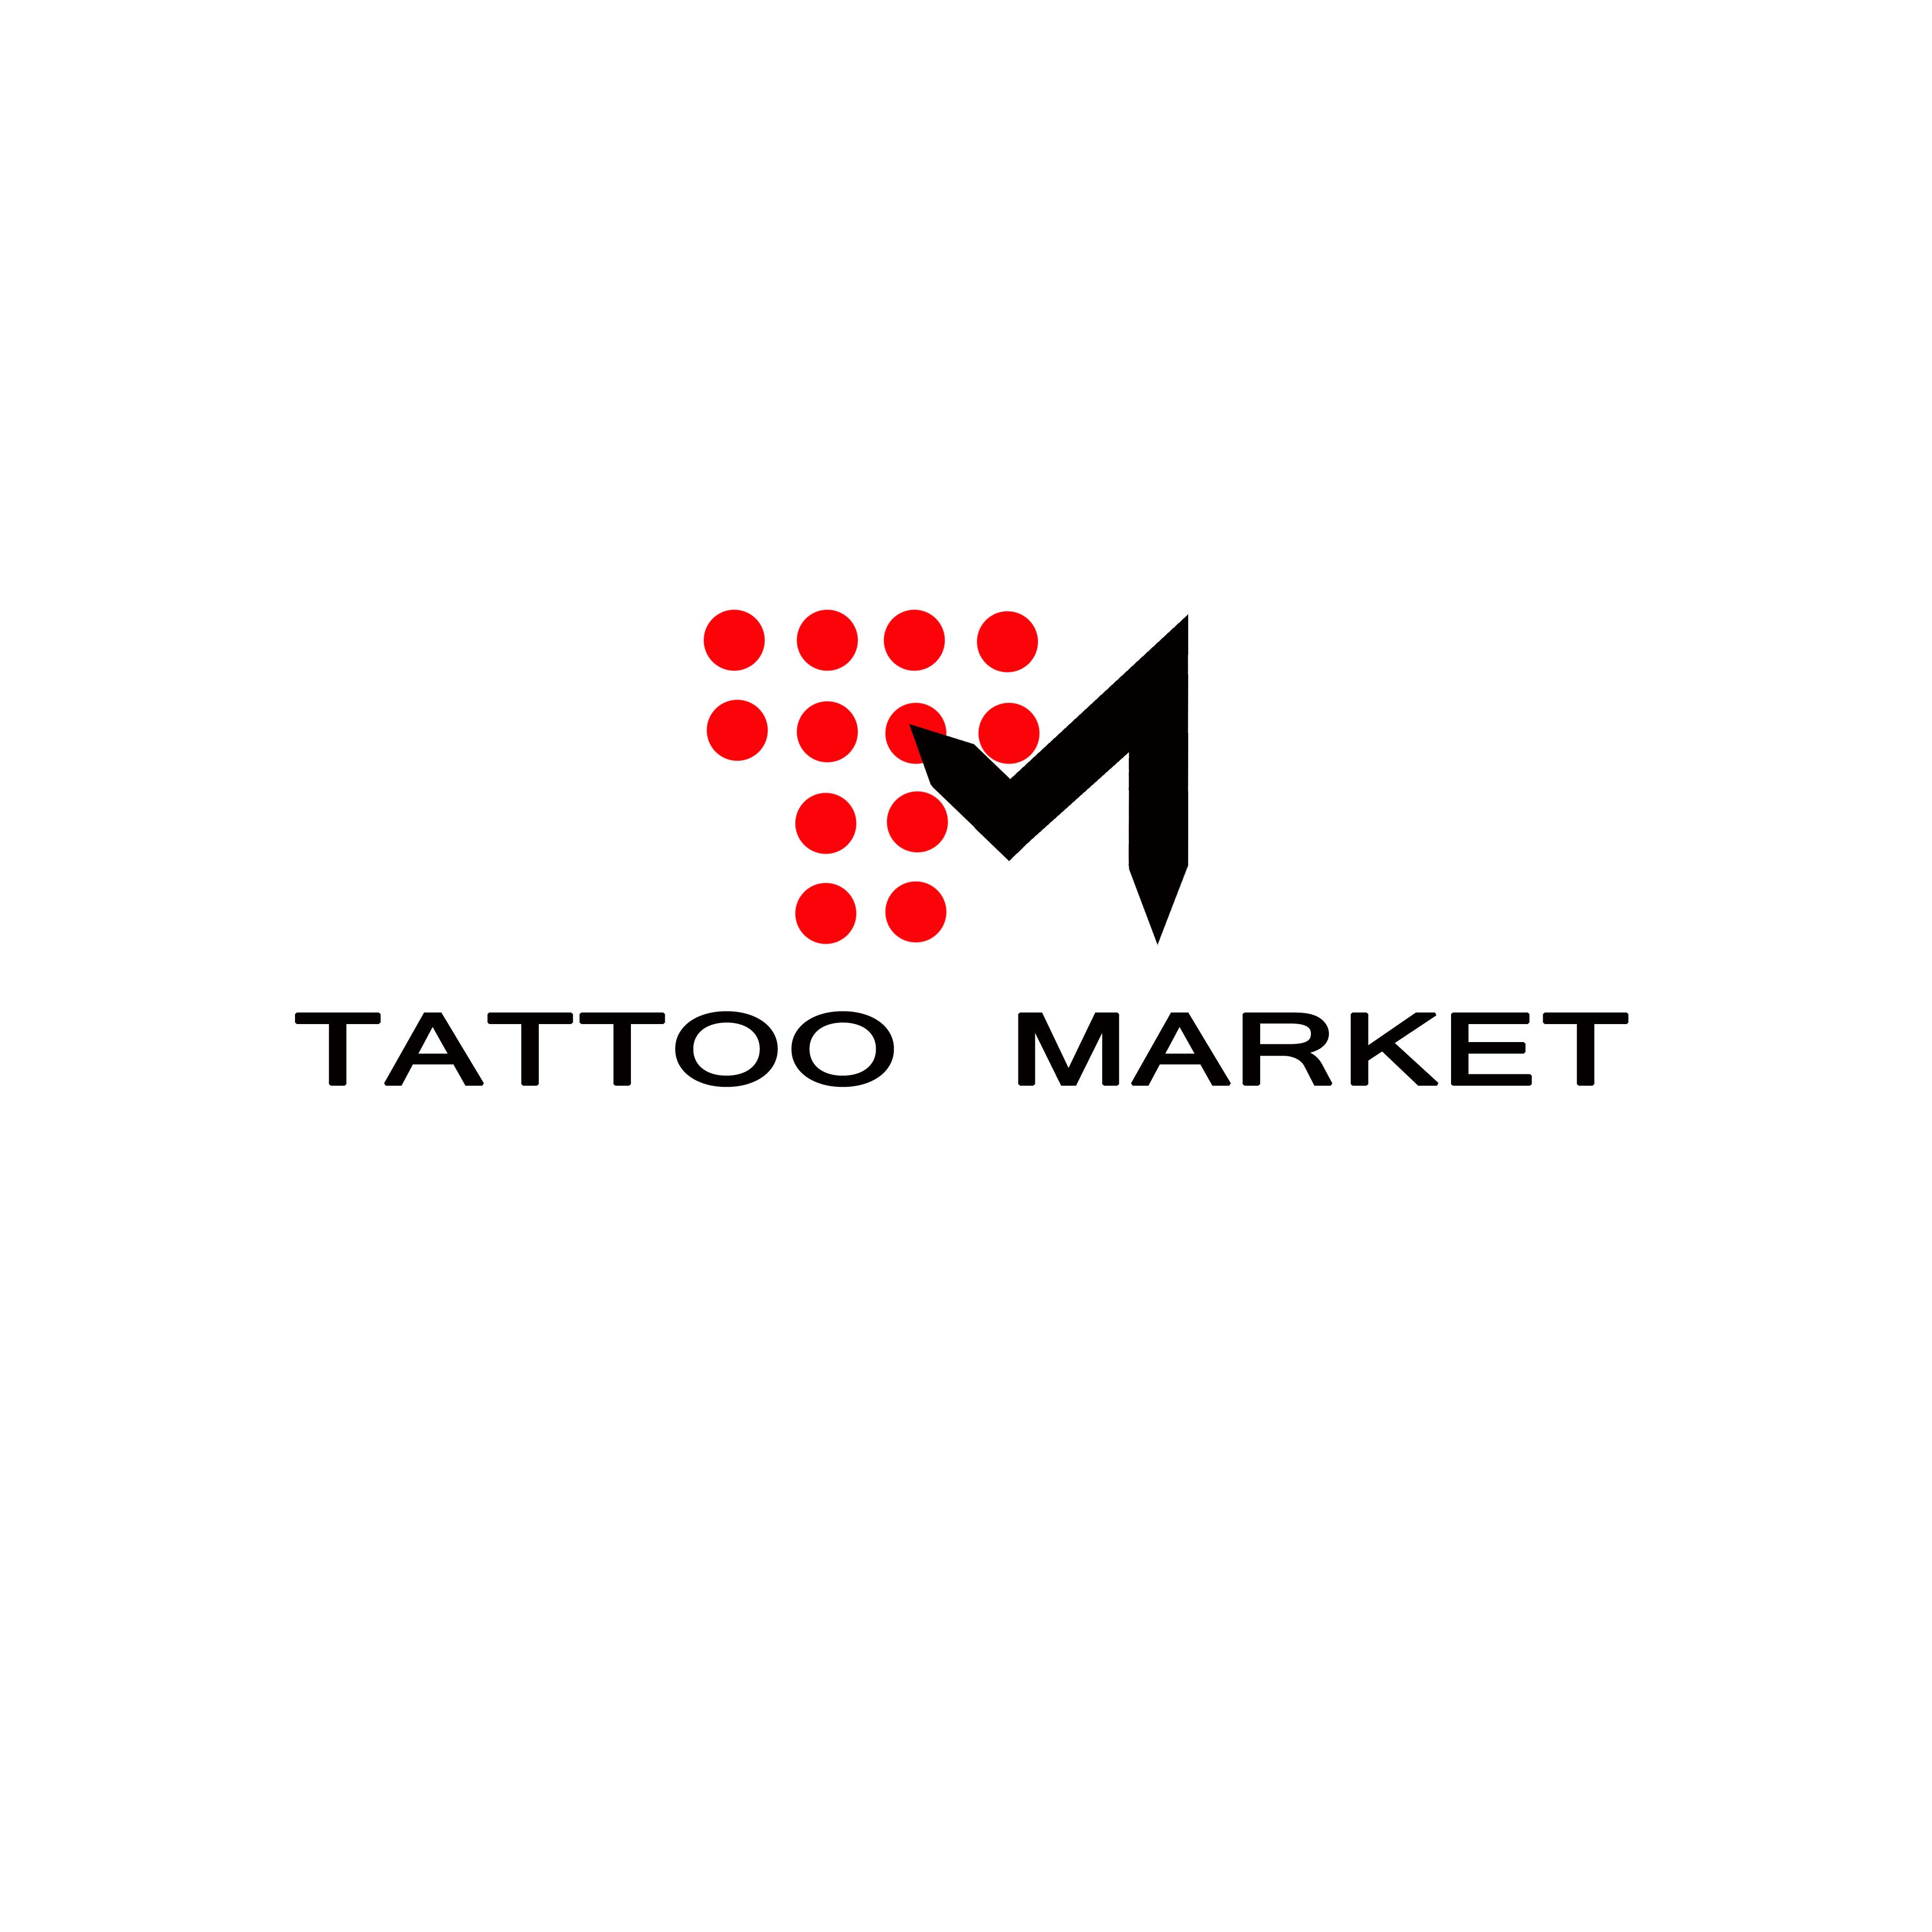 Редизайн логотипа магазина тату оборудования TattooMarket.ru фото f_4155c3e0343b8e83.jpg